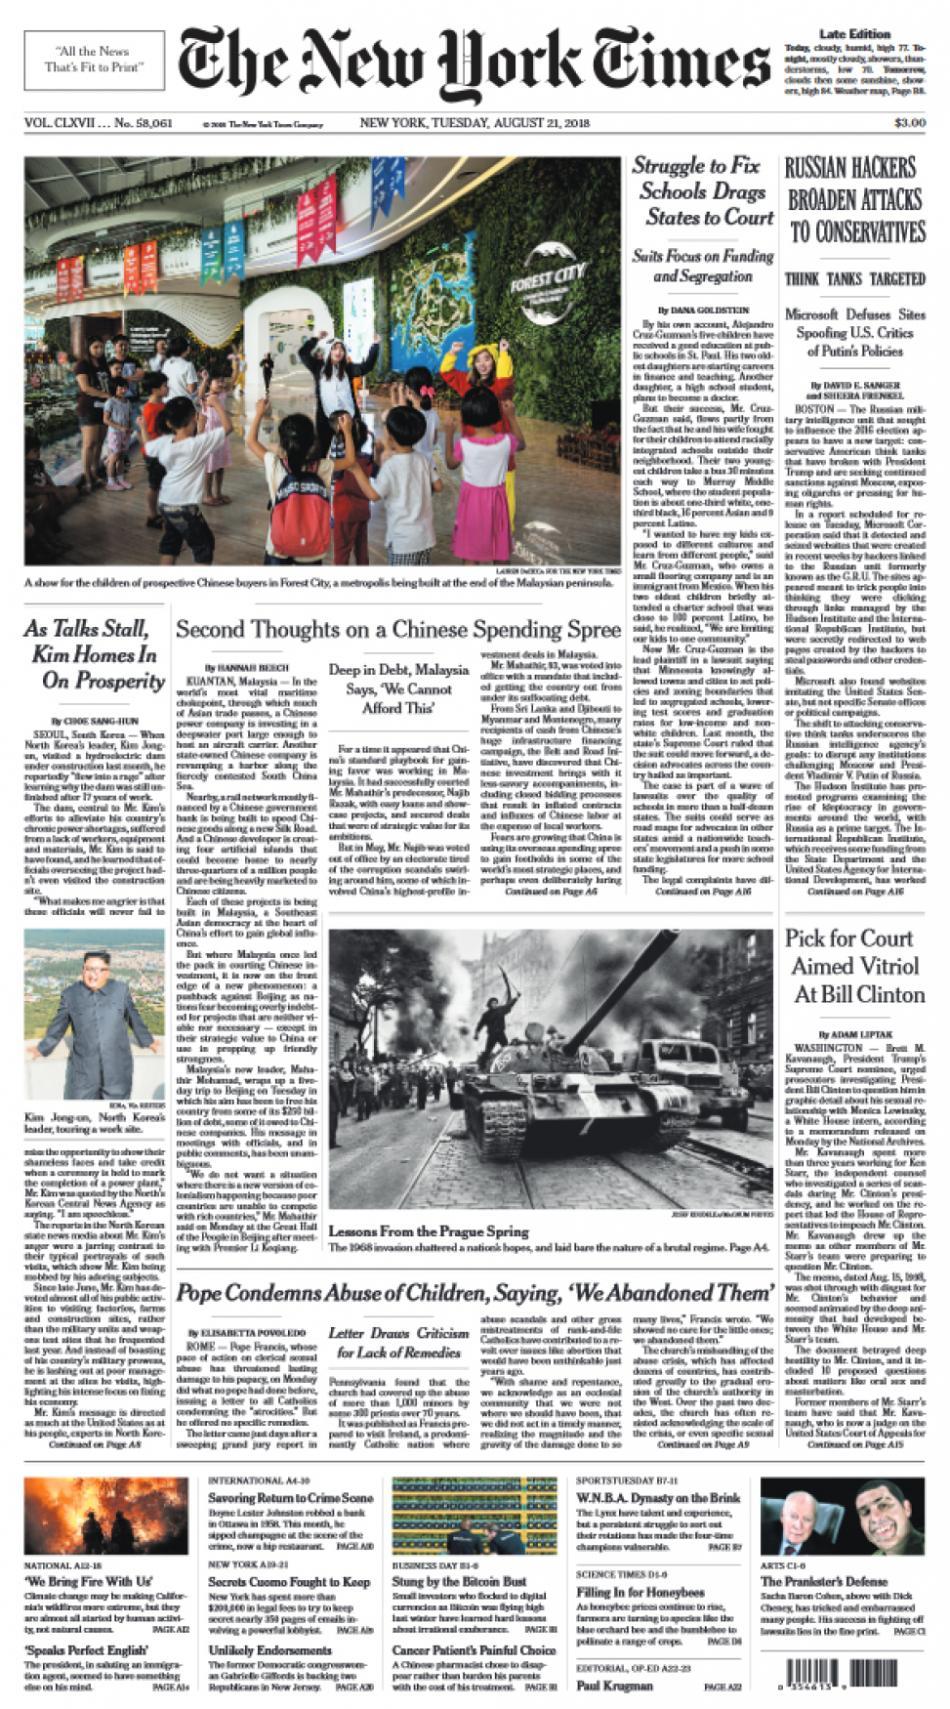 Titulní strana amerického vydání deníku The New York Times